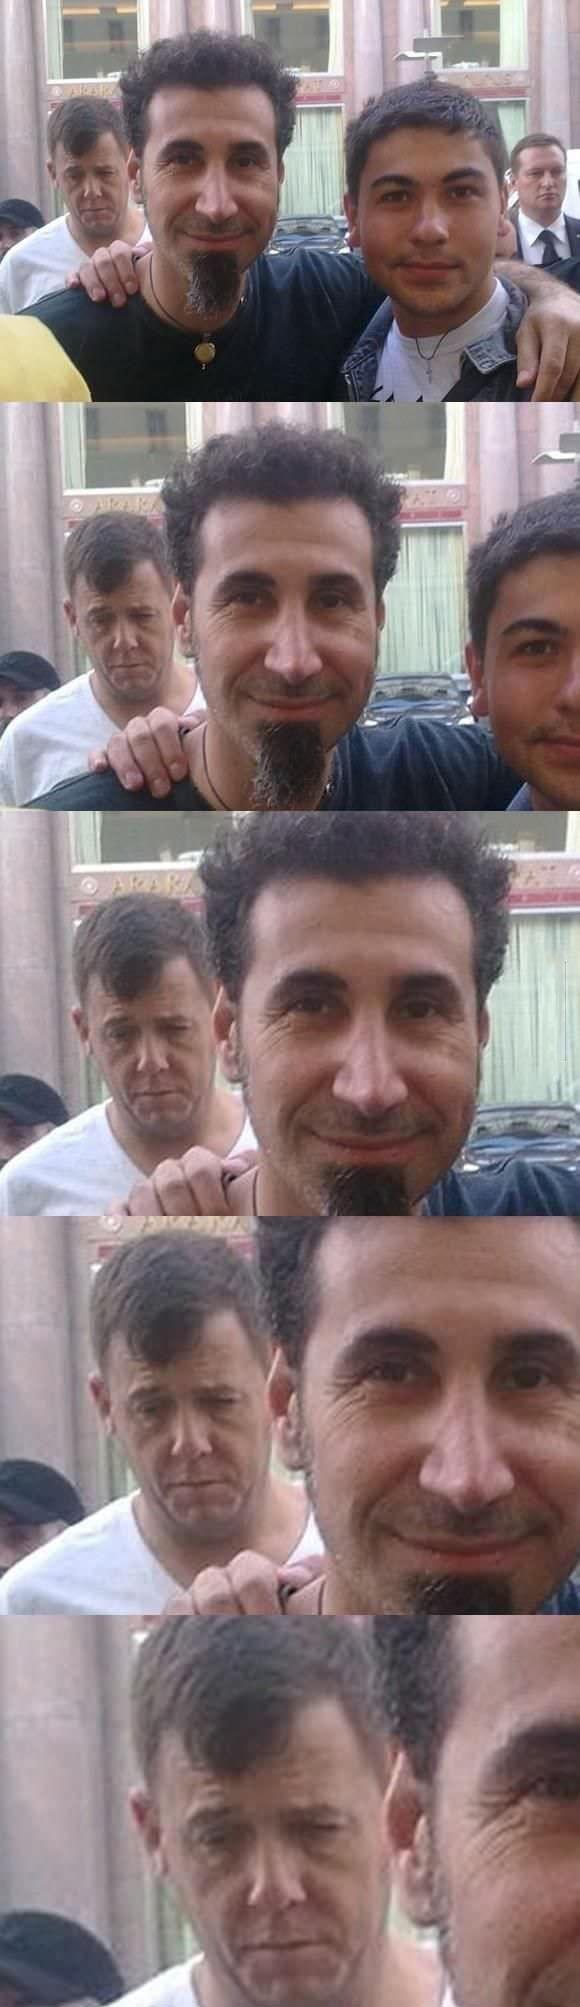 Прекрасные фото выражение лица, задний план, знаменитость, серж таркан